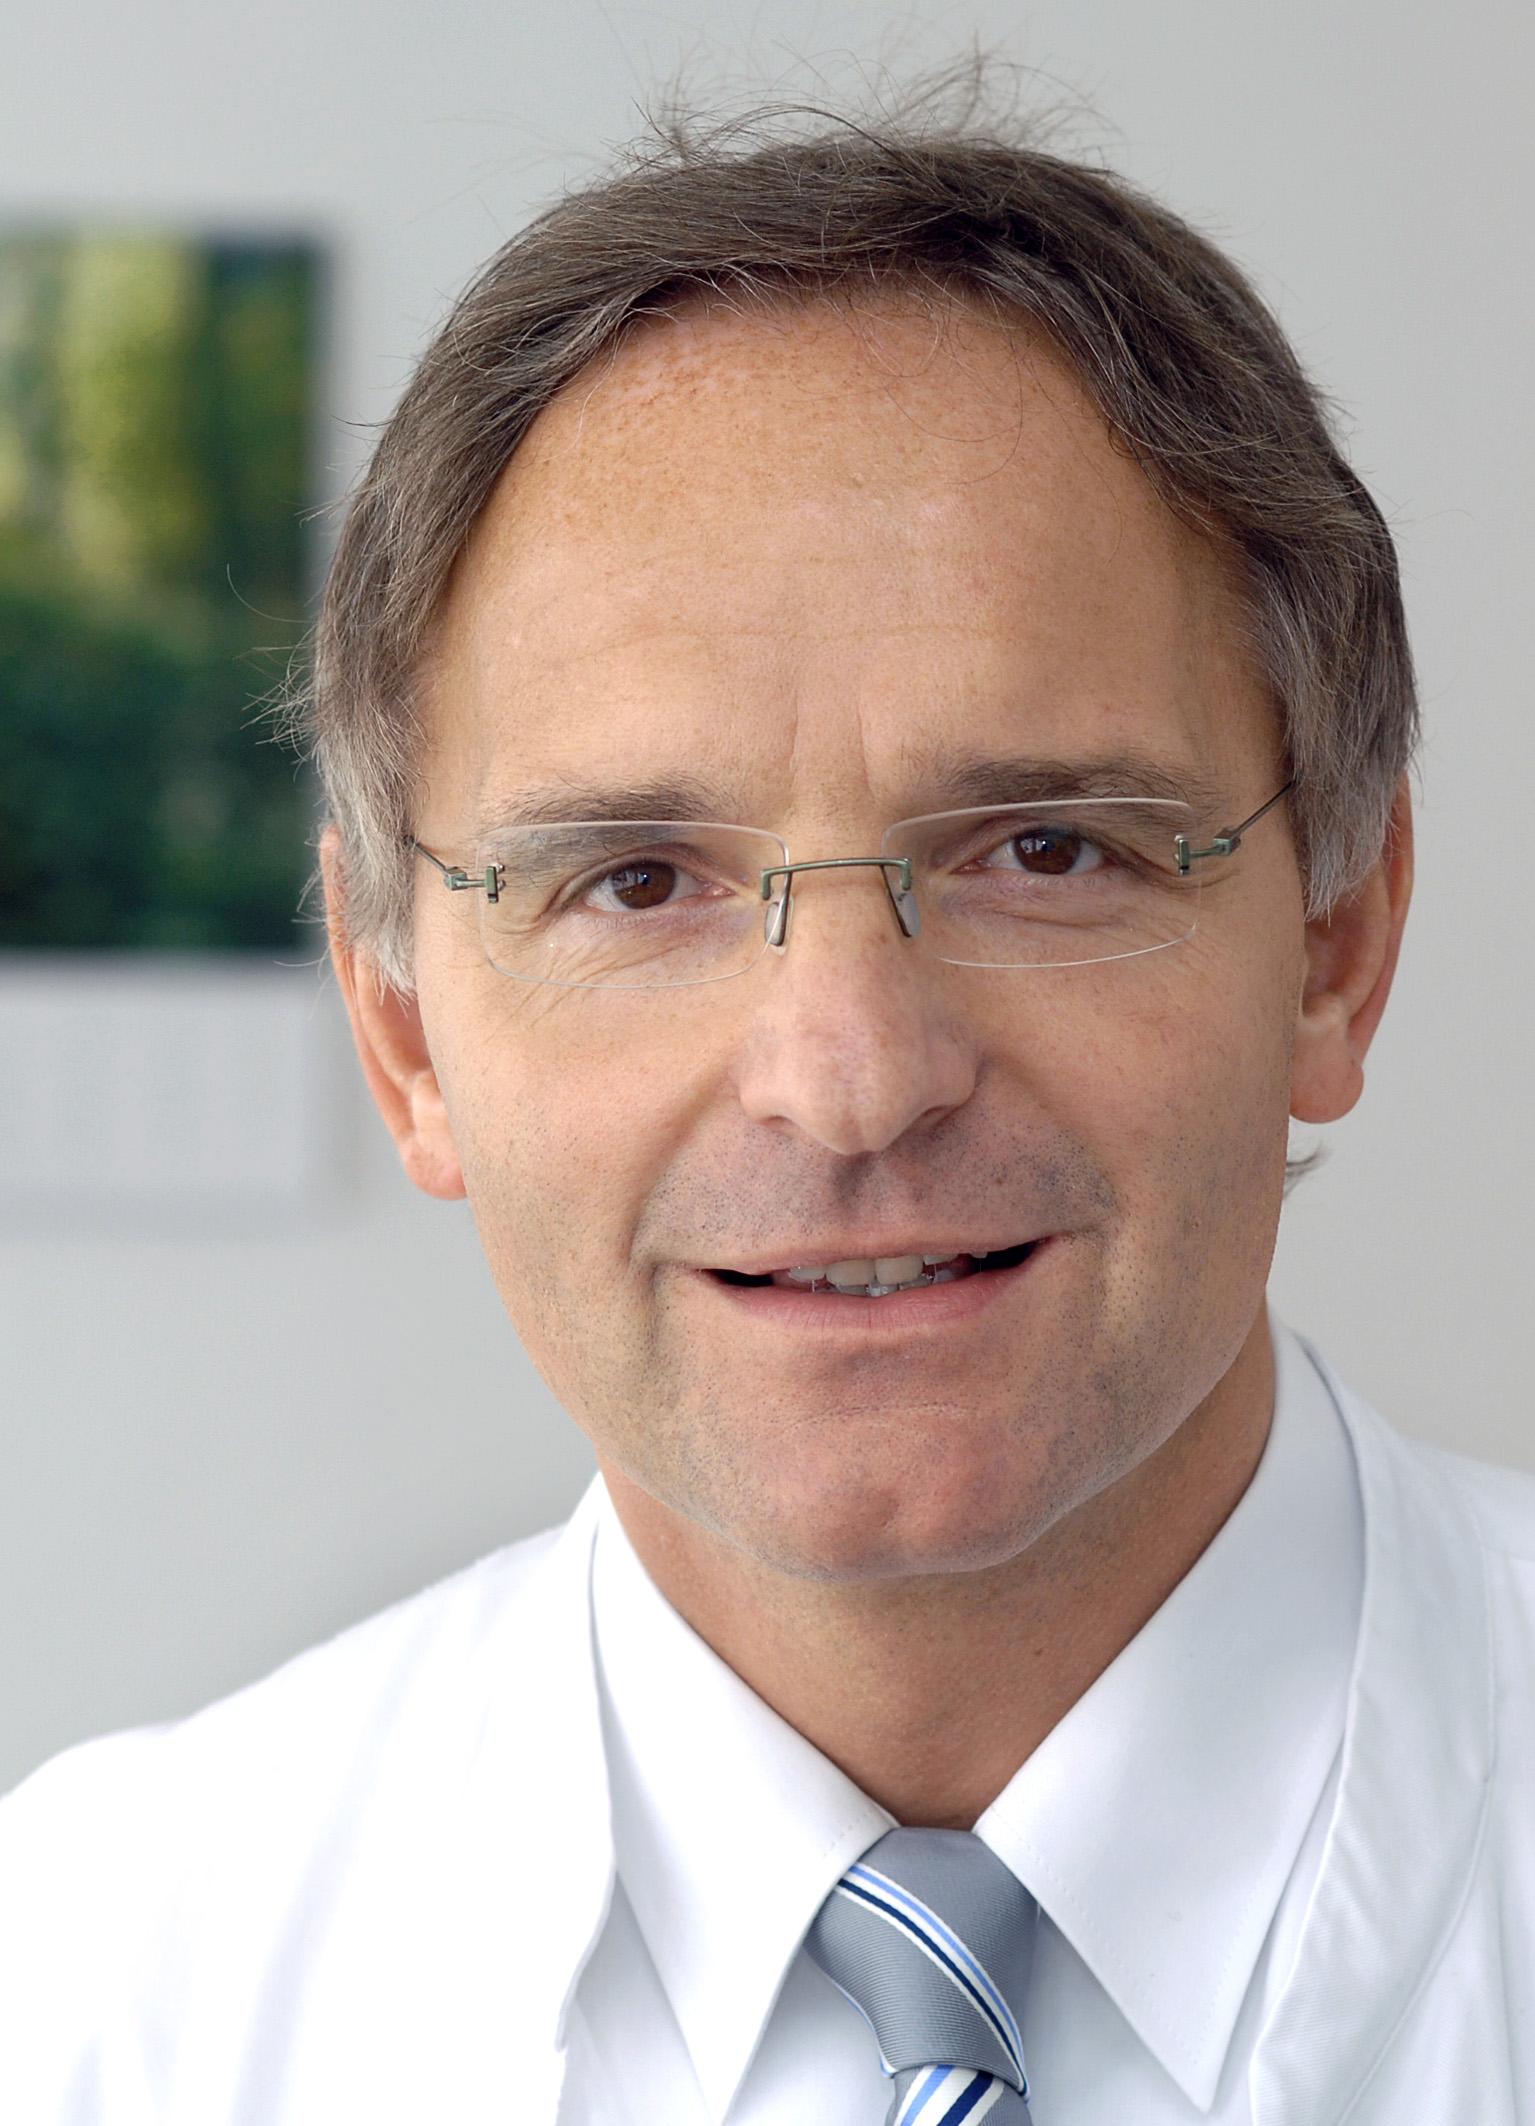 Bild von Dr. Uwe Juncker, Mediziner